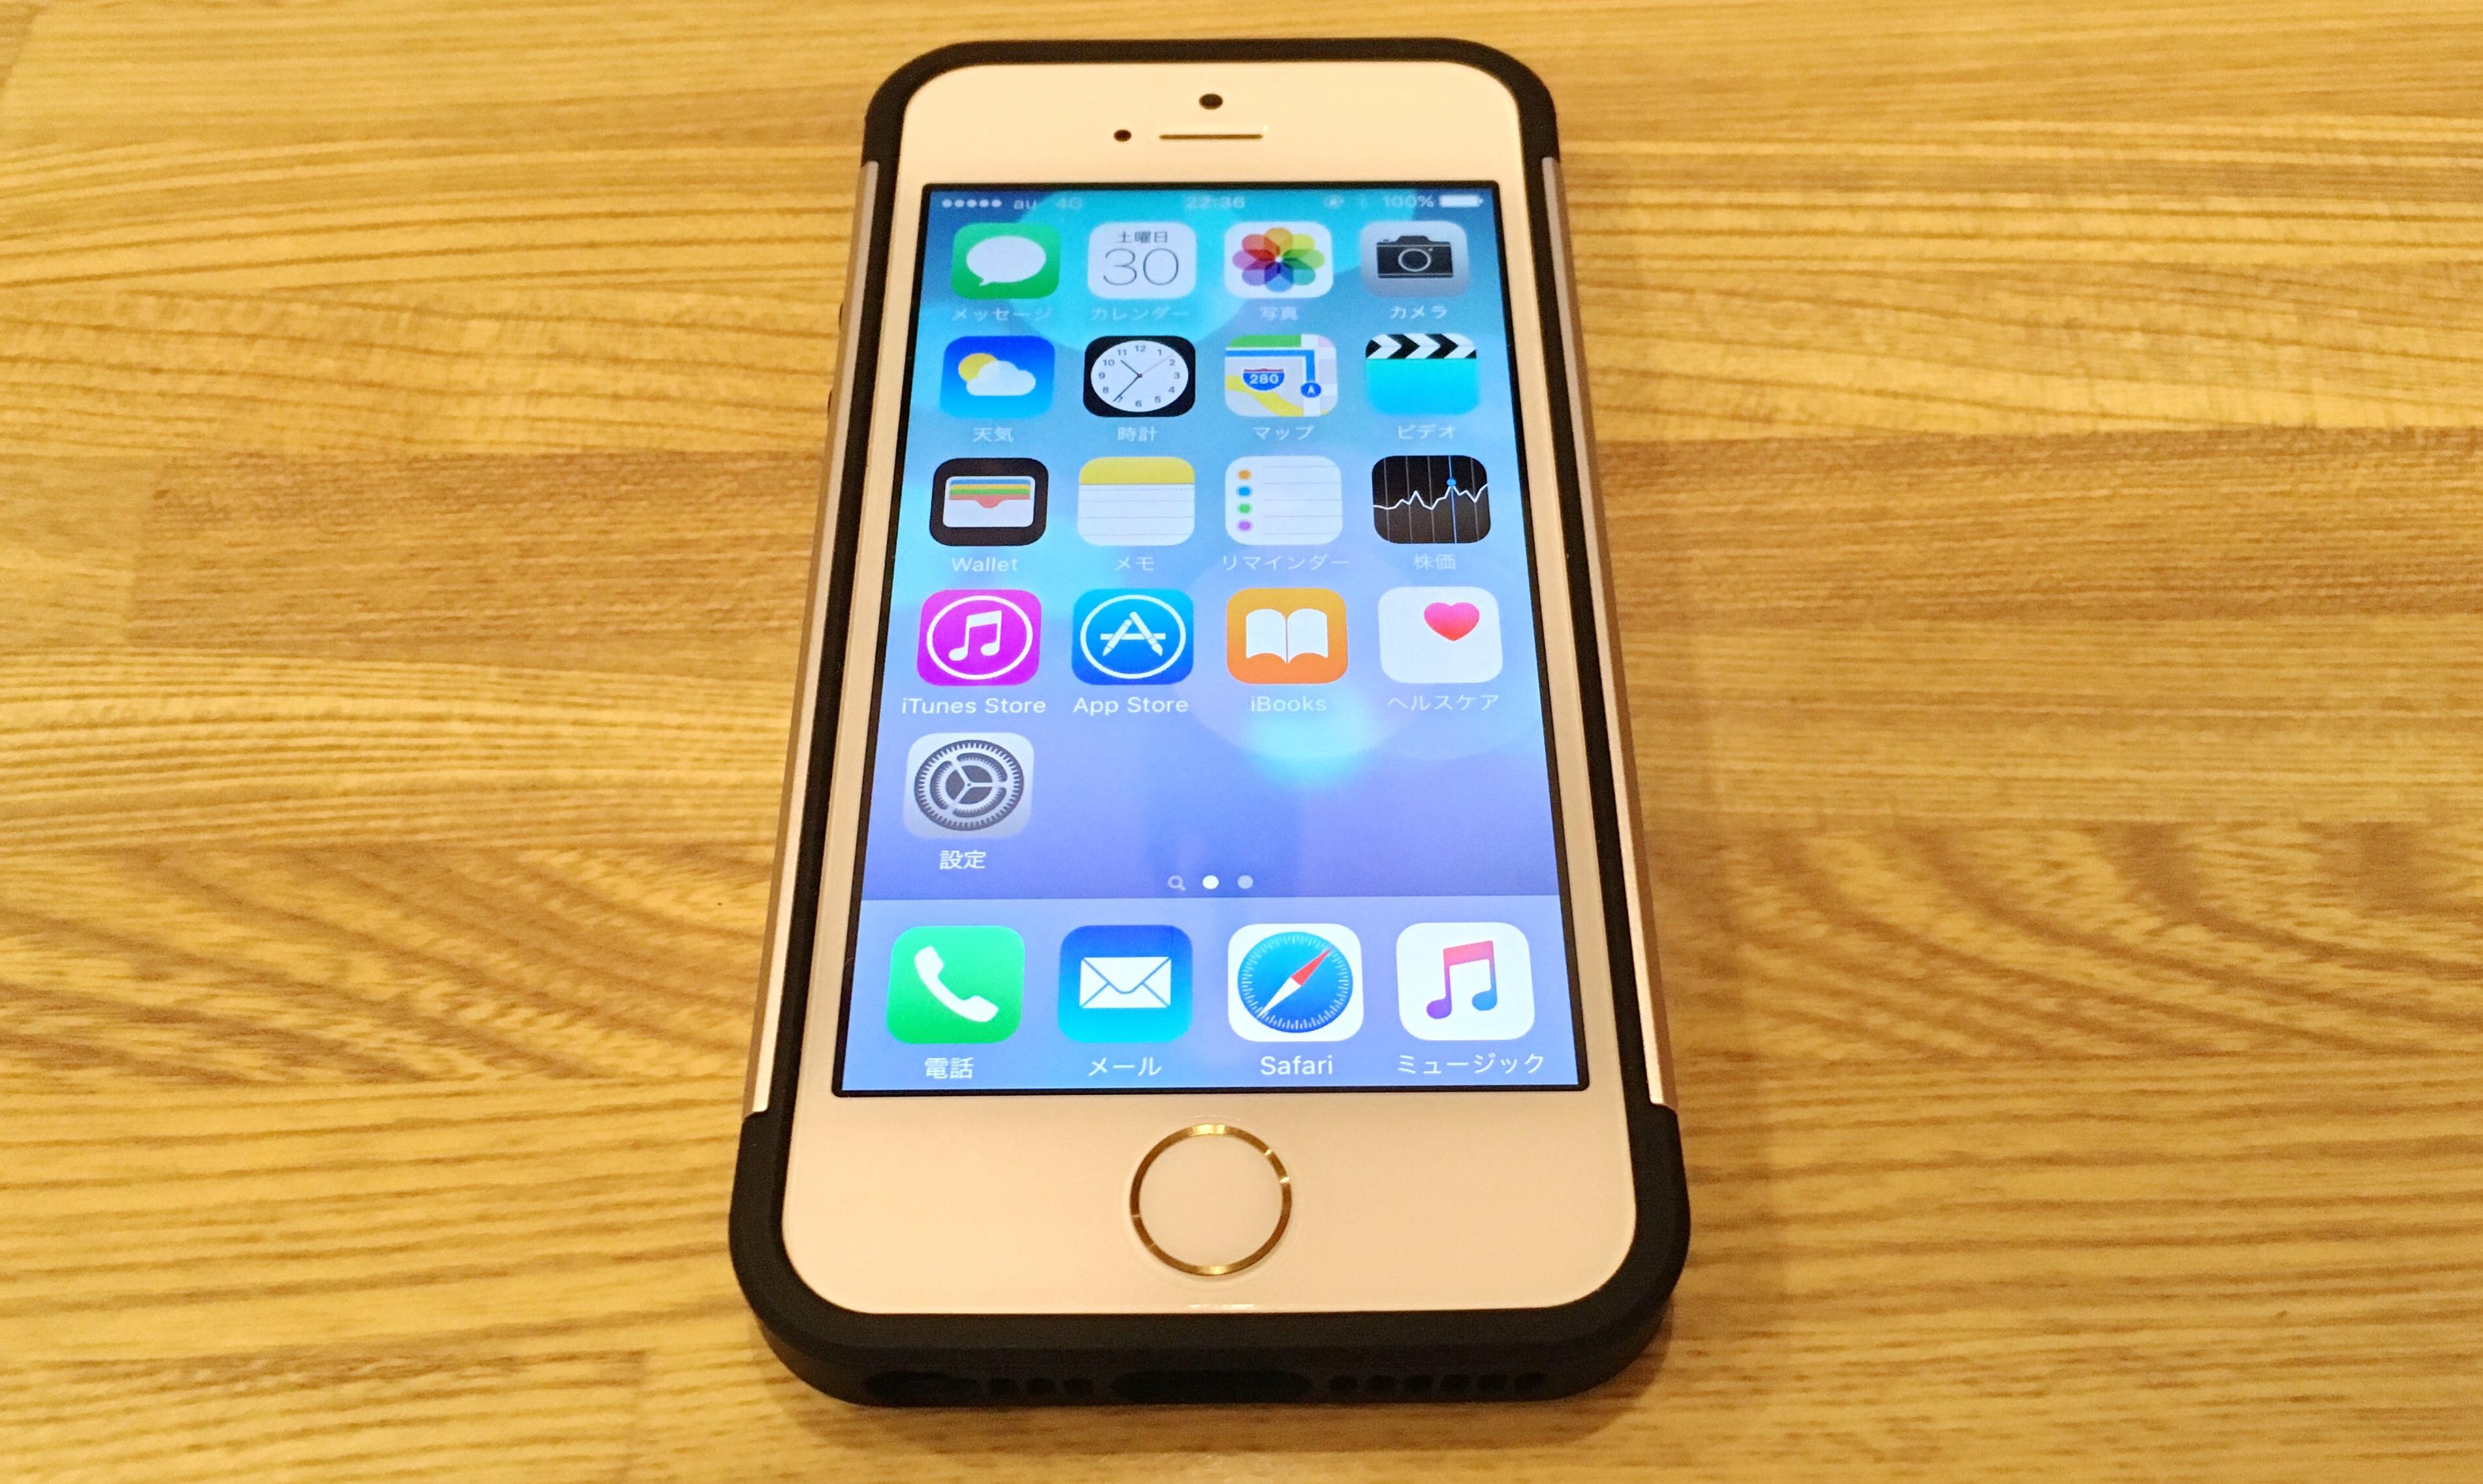 spigen-iphone5s_case_review5